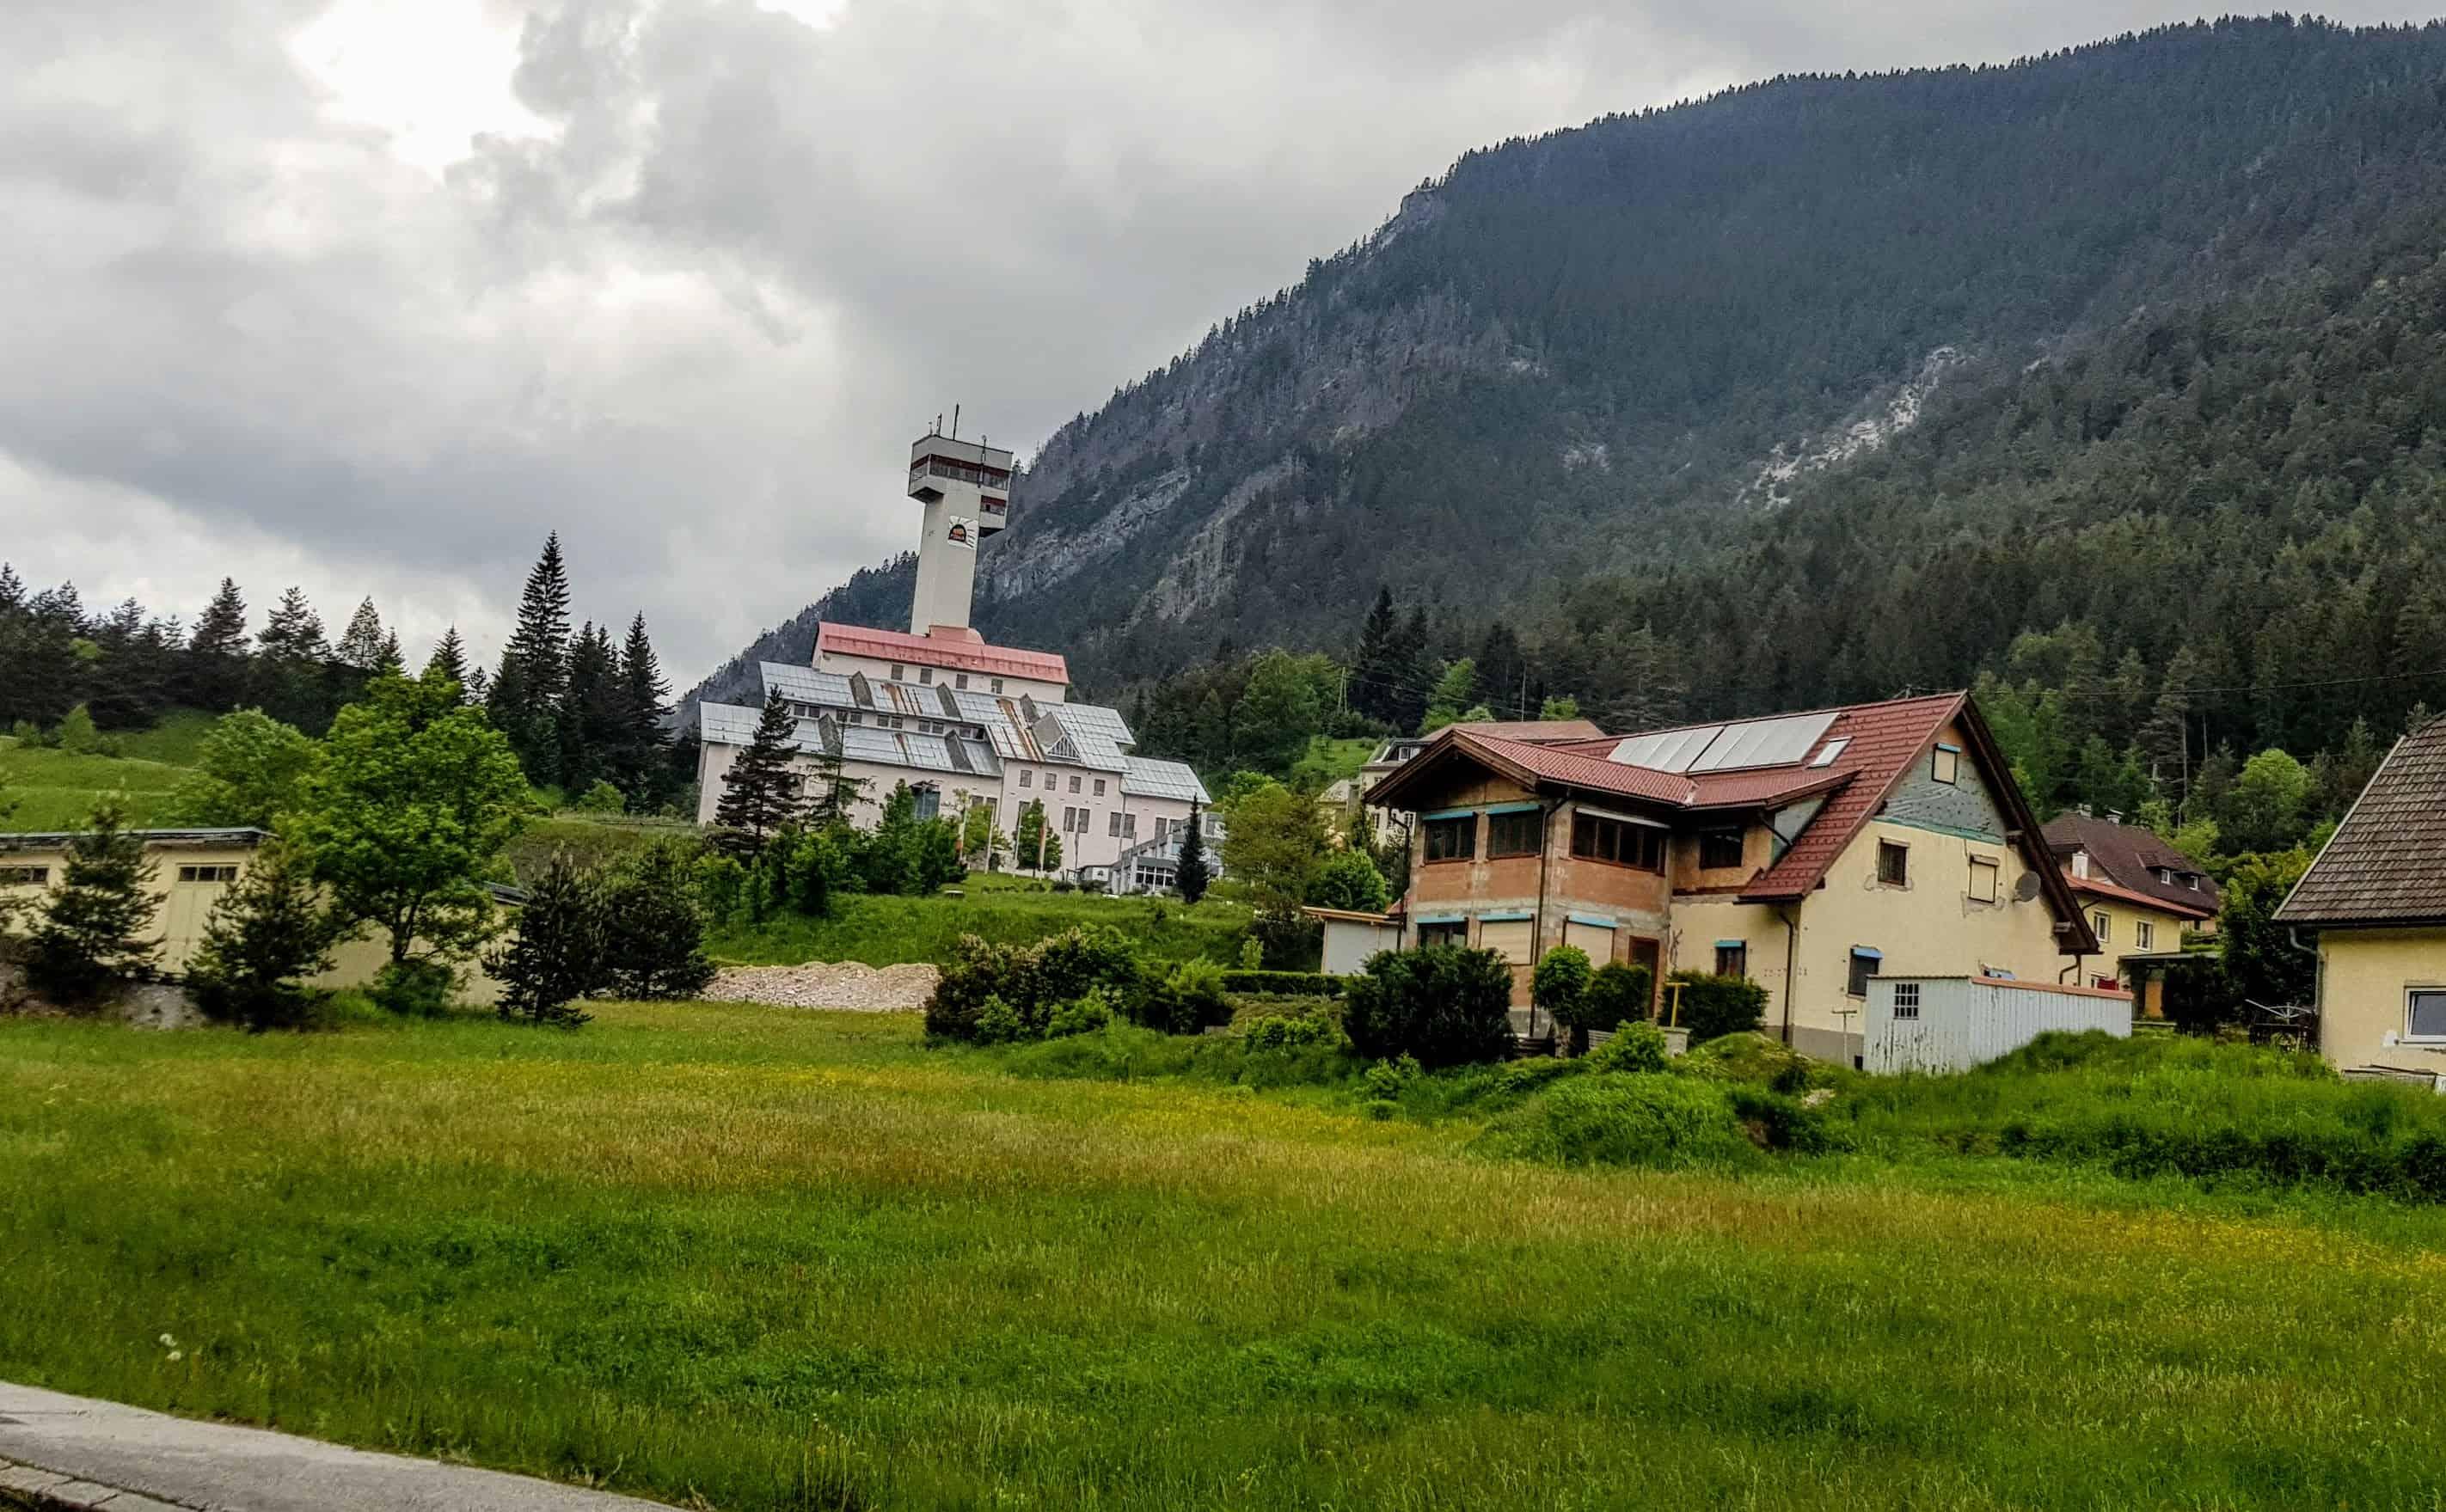 Die Schaubergwerke Terra Mystica und Montana befinden sich im Ortsteil Nötsch in der Gemeinde Bad Bleiberg bei Villach